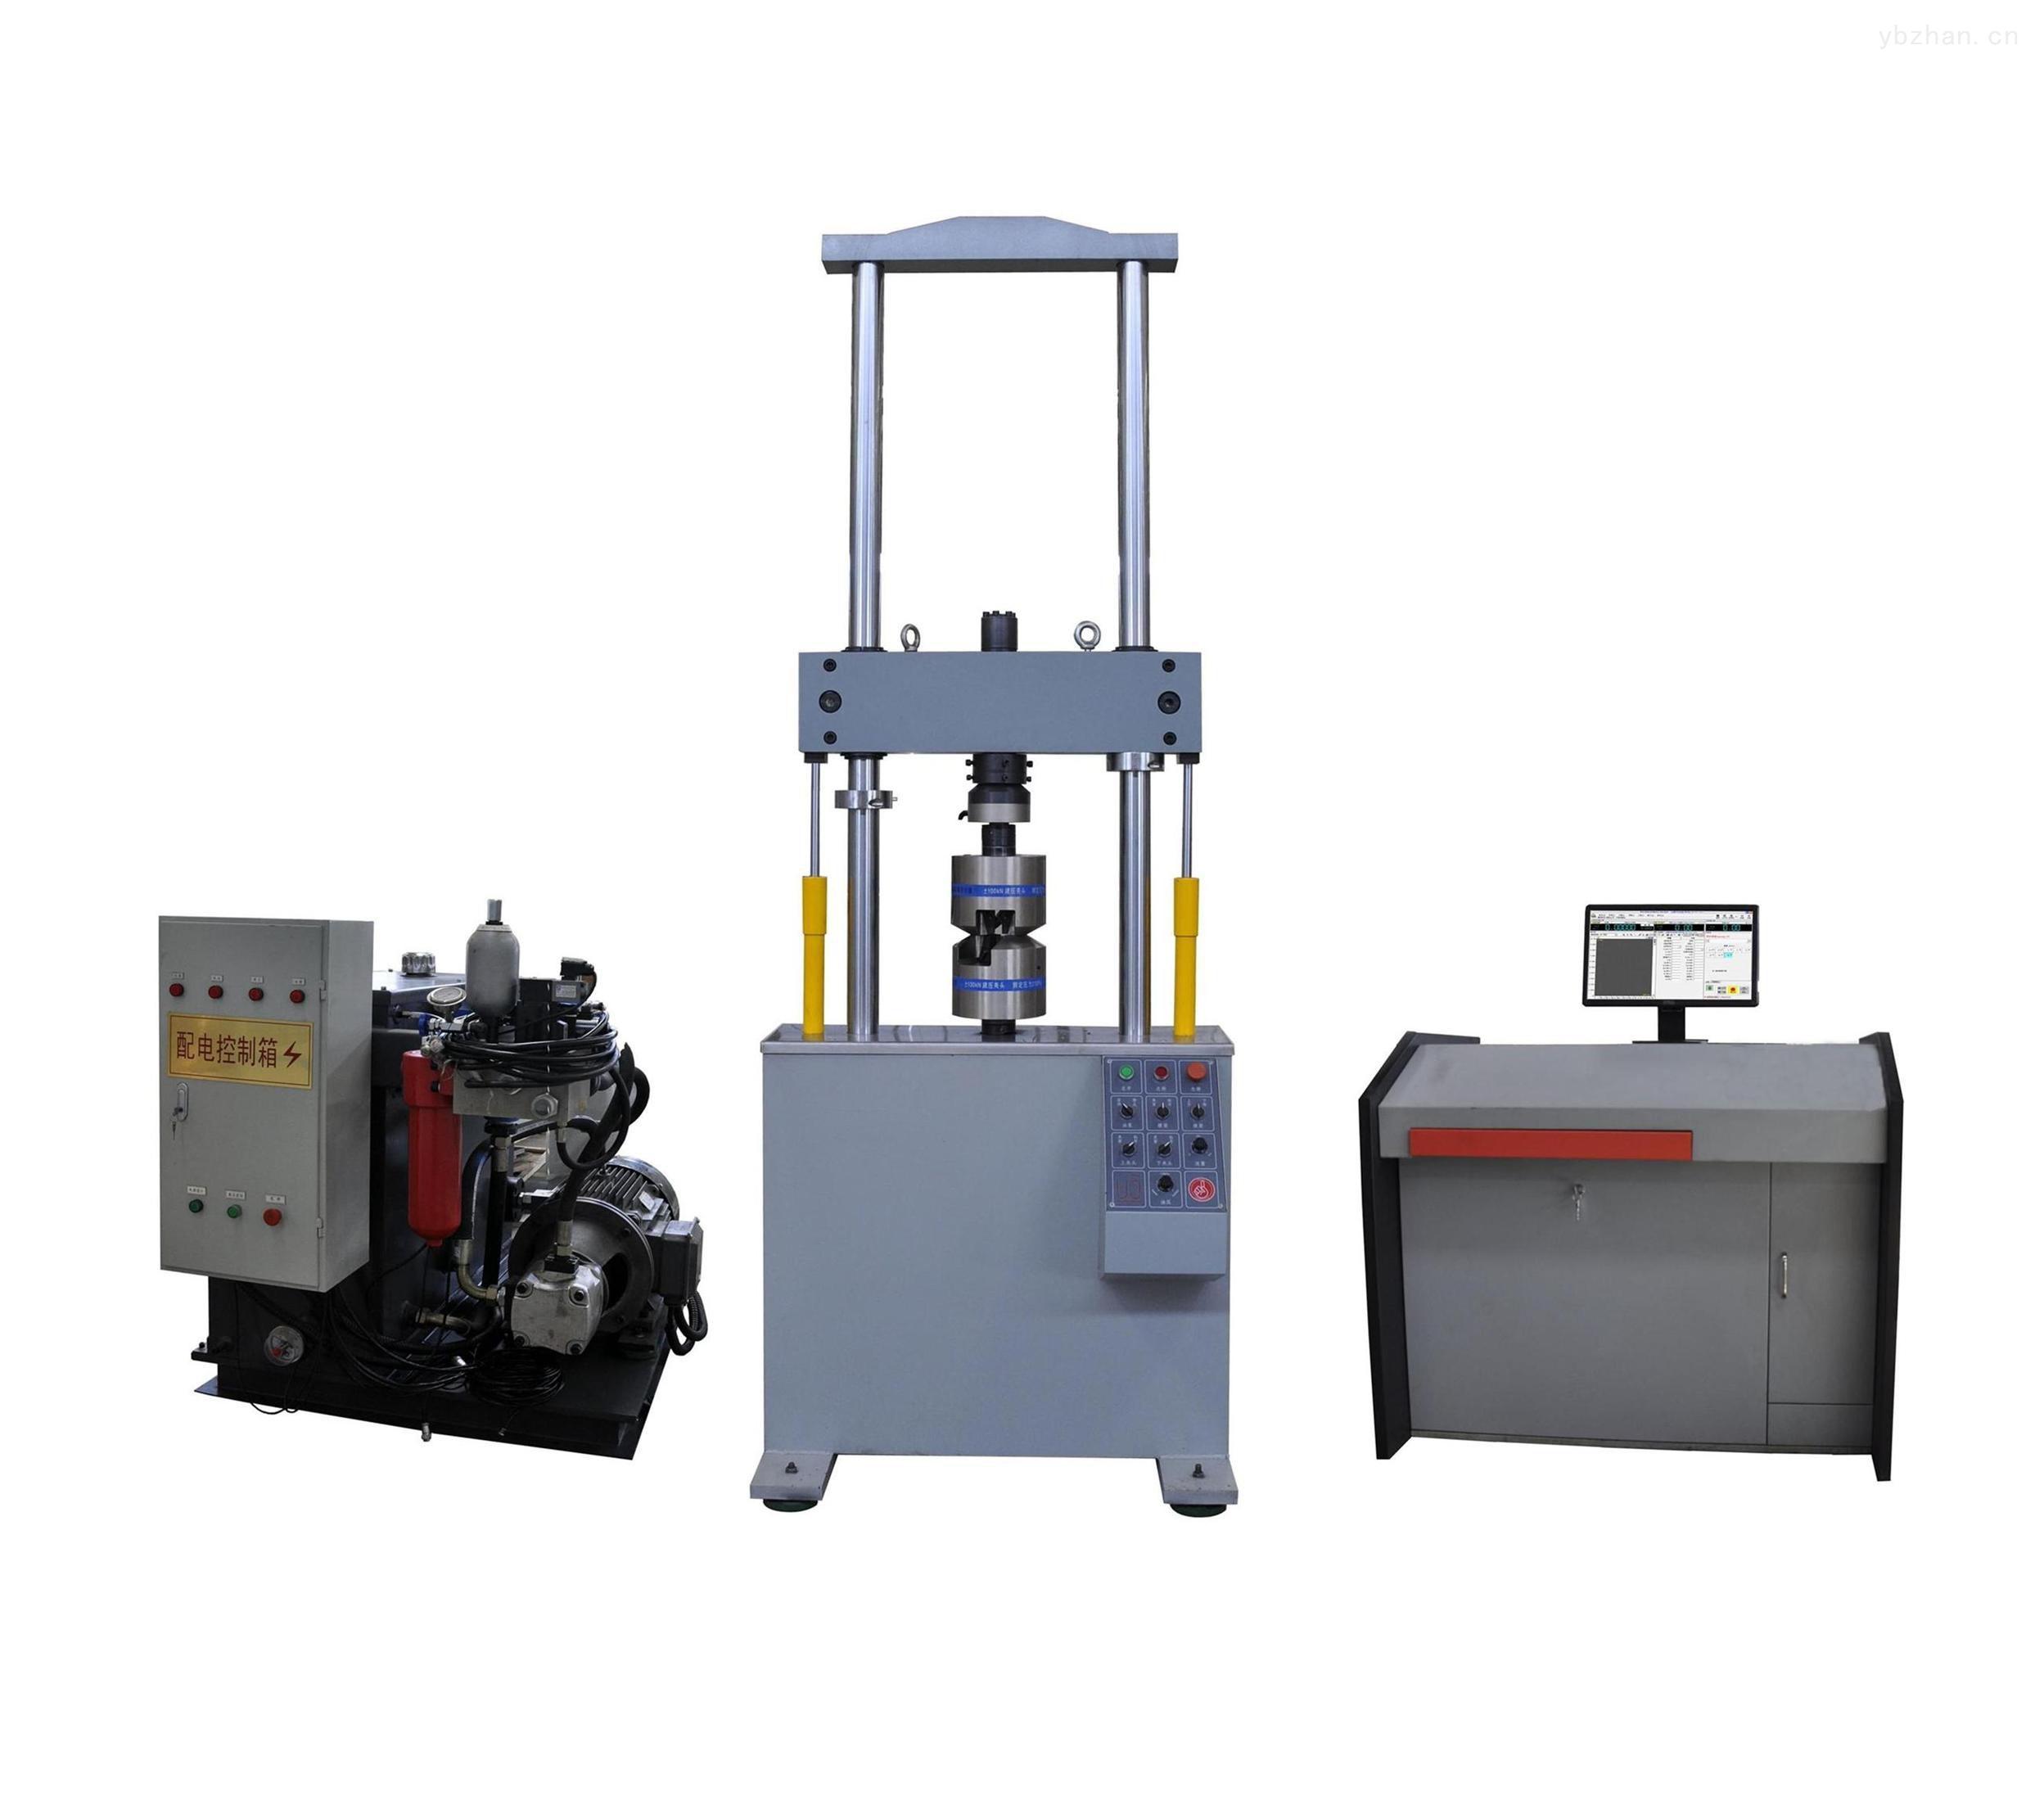 济南翰森供应动态疲劳试验机微机控制电液伺服疲劳试验机